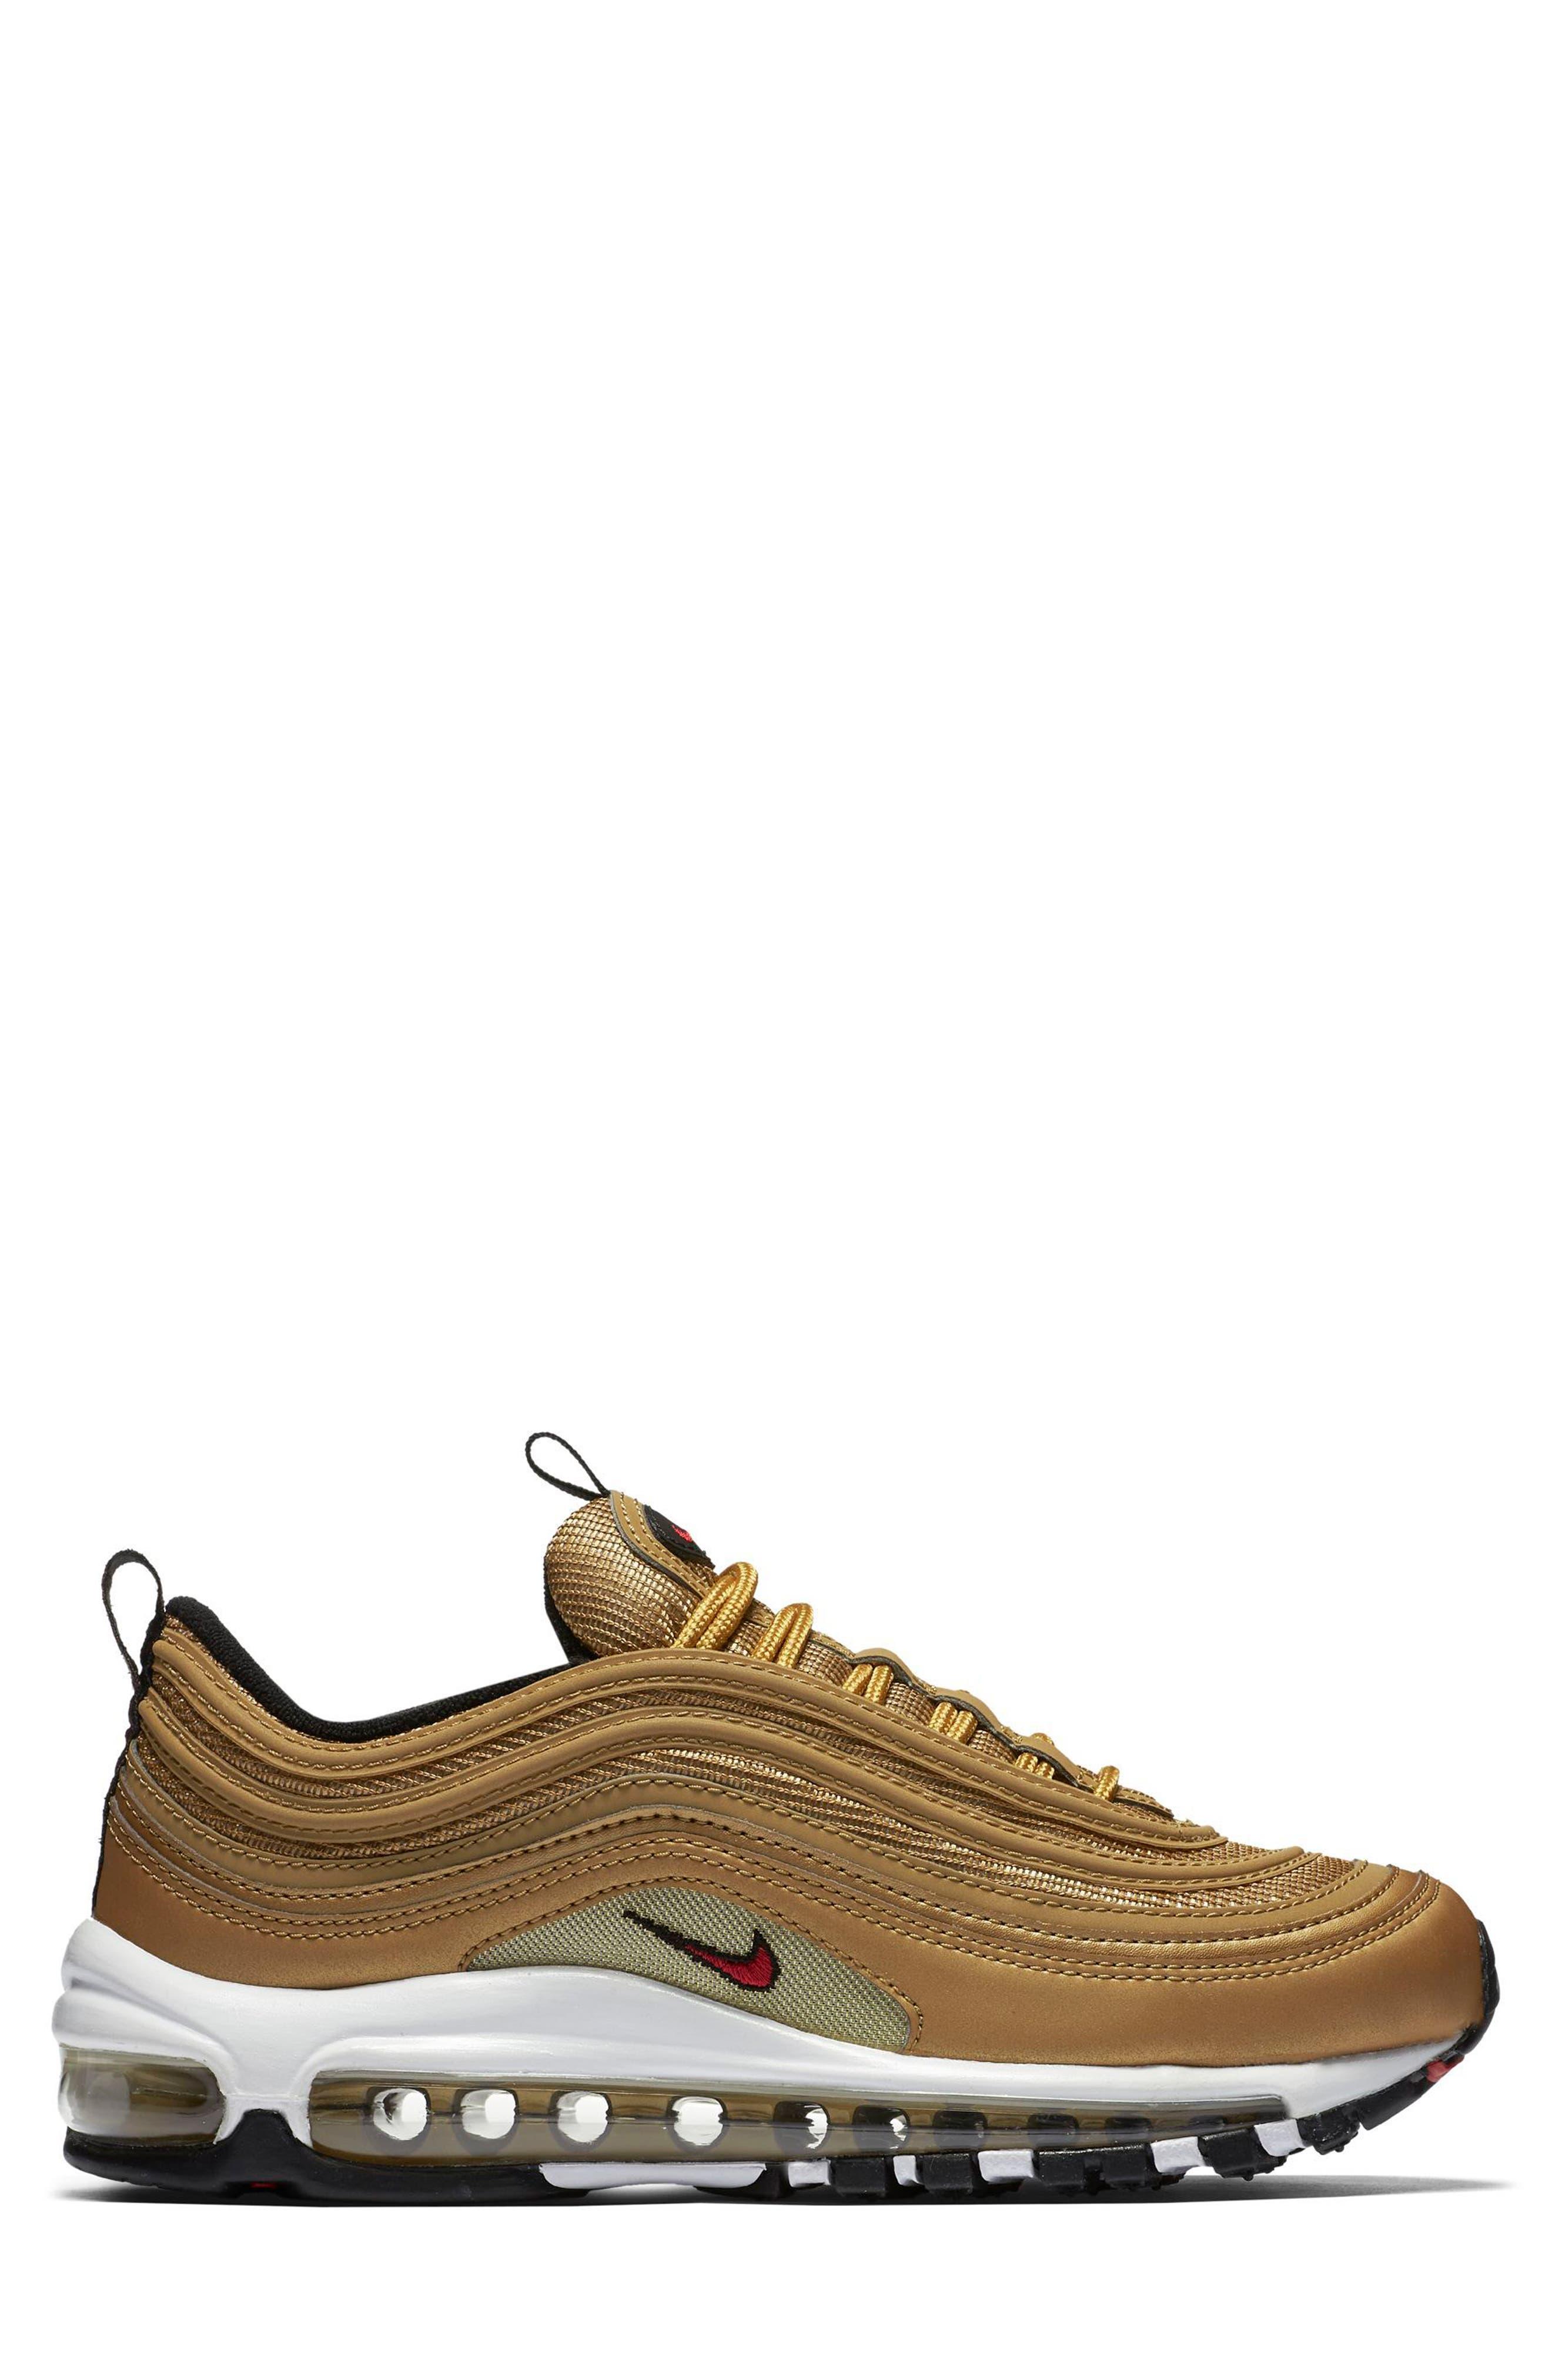 Air Max 97 OG Sneaker,                             Alternate thumbnail 3, color,                             Gold/ Red/ White/ Black